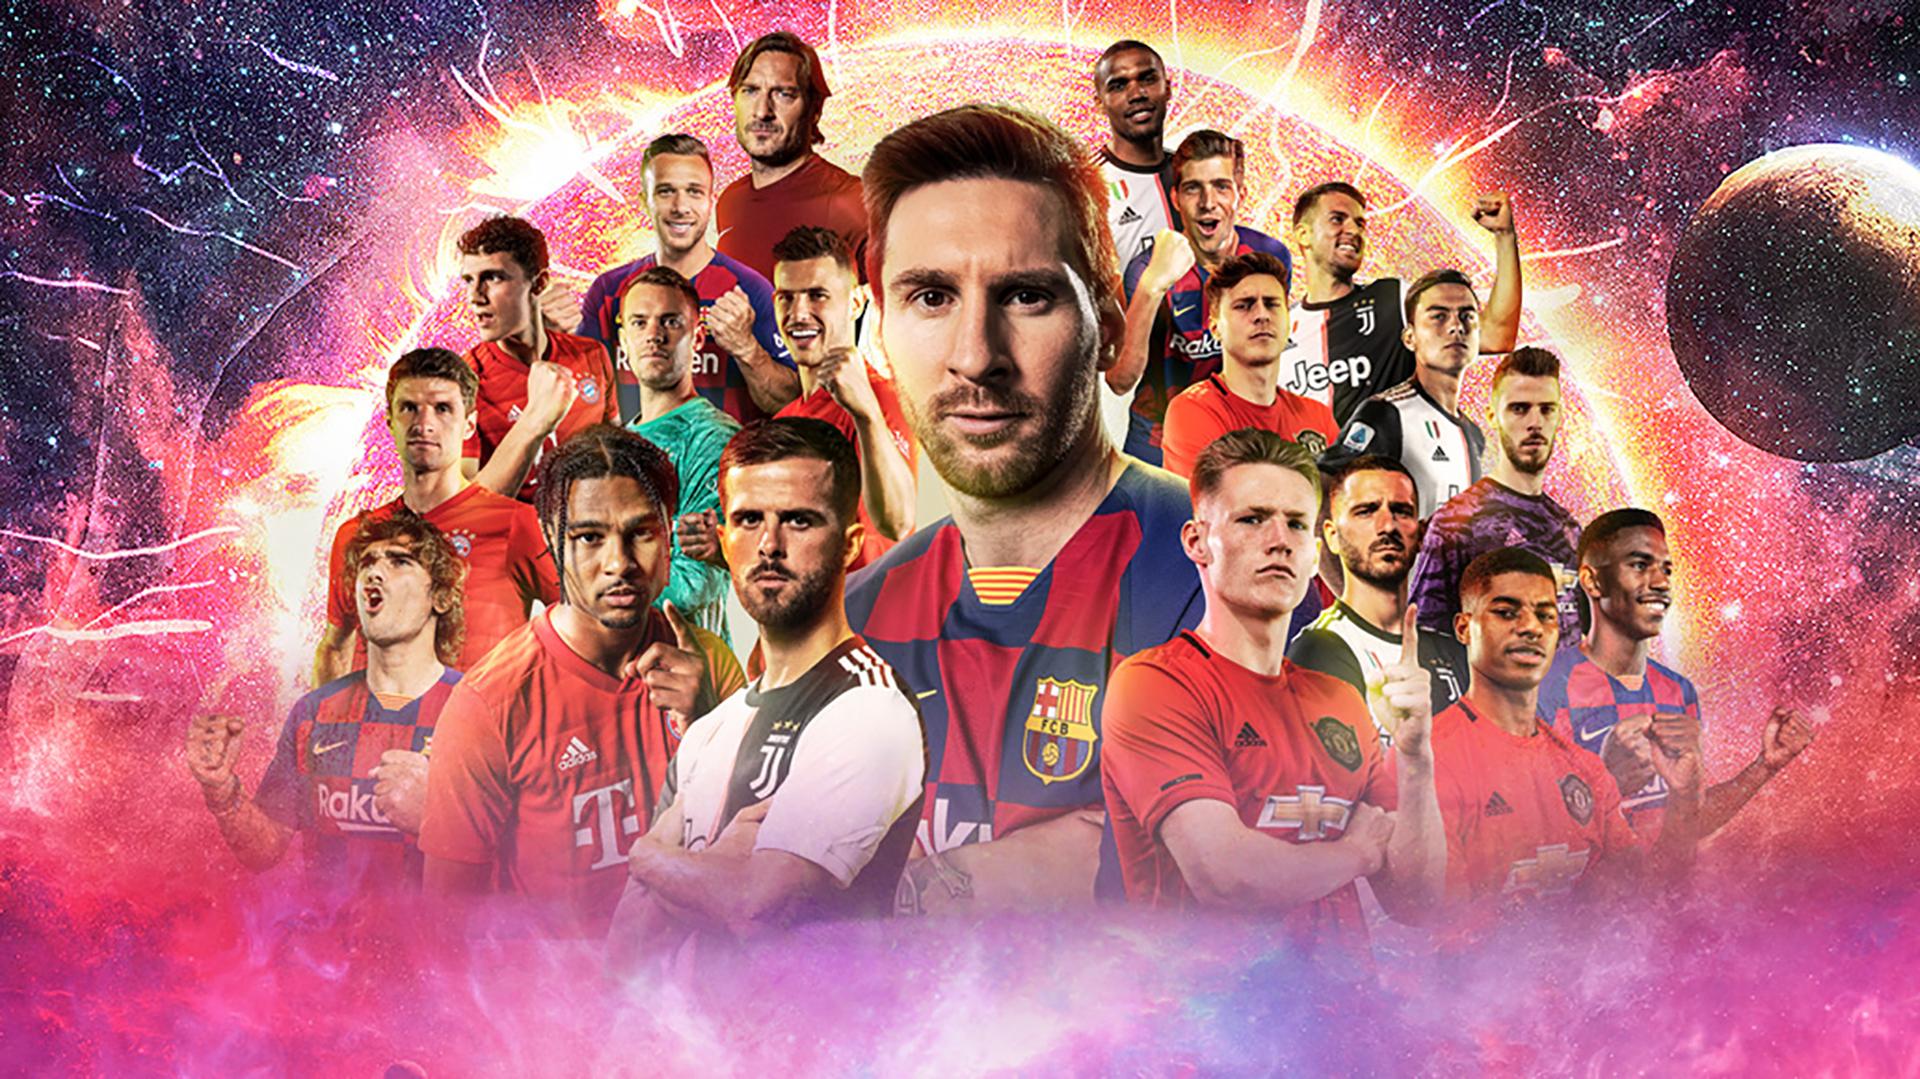 PES 2020 - Qui sont les meilleurs joueurs et quelles sont les meilleures équipes ?